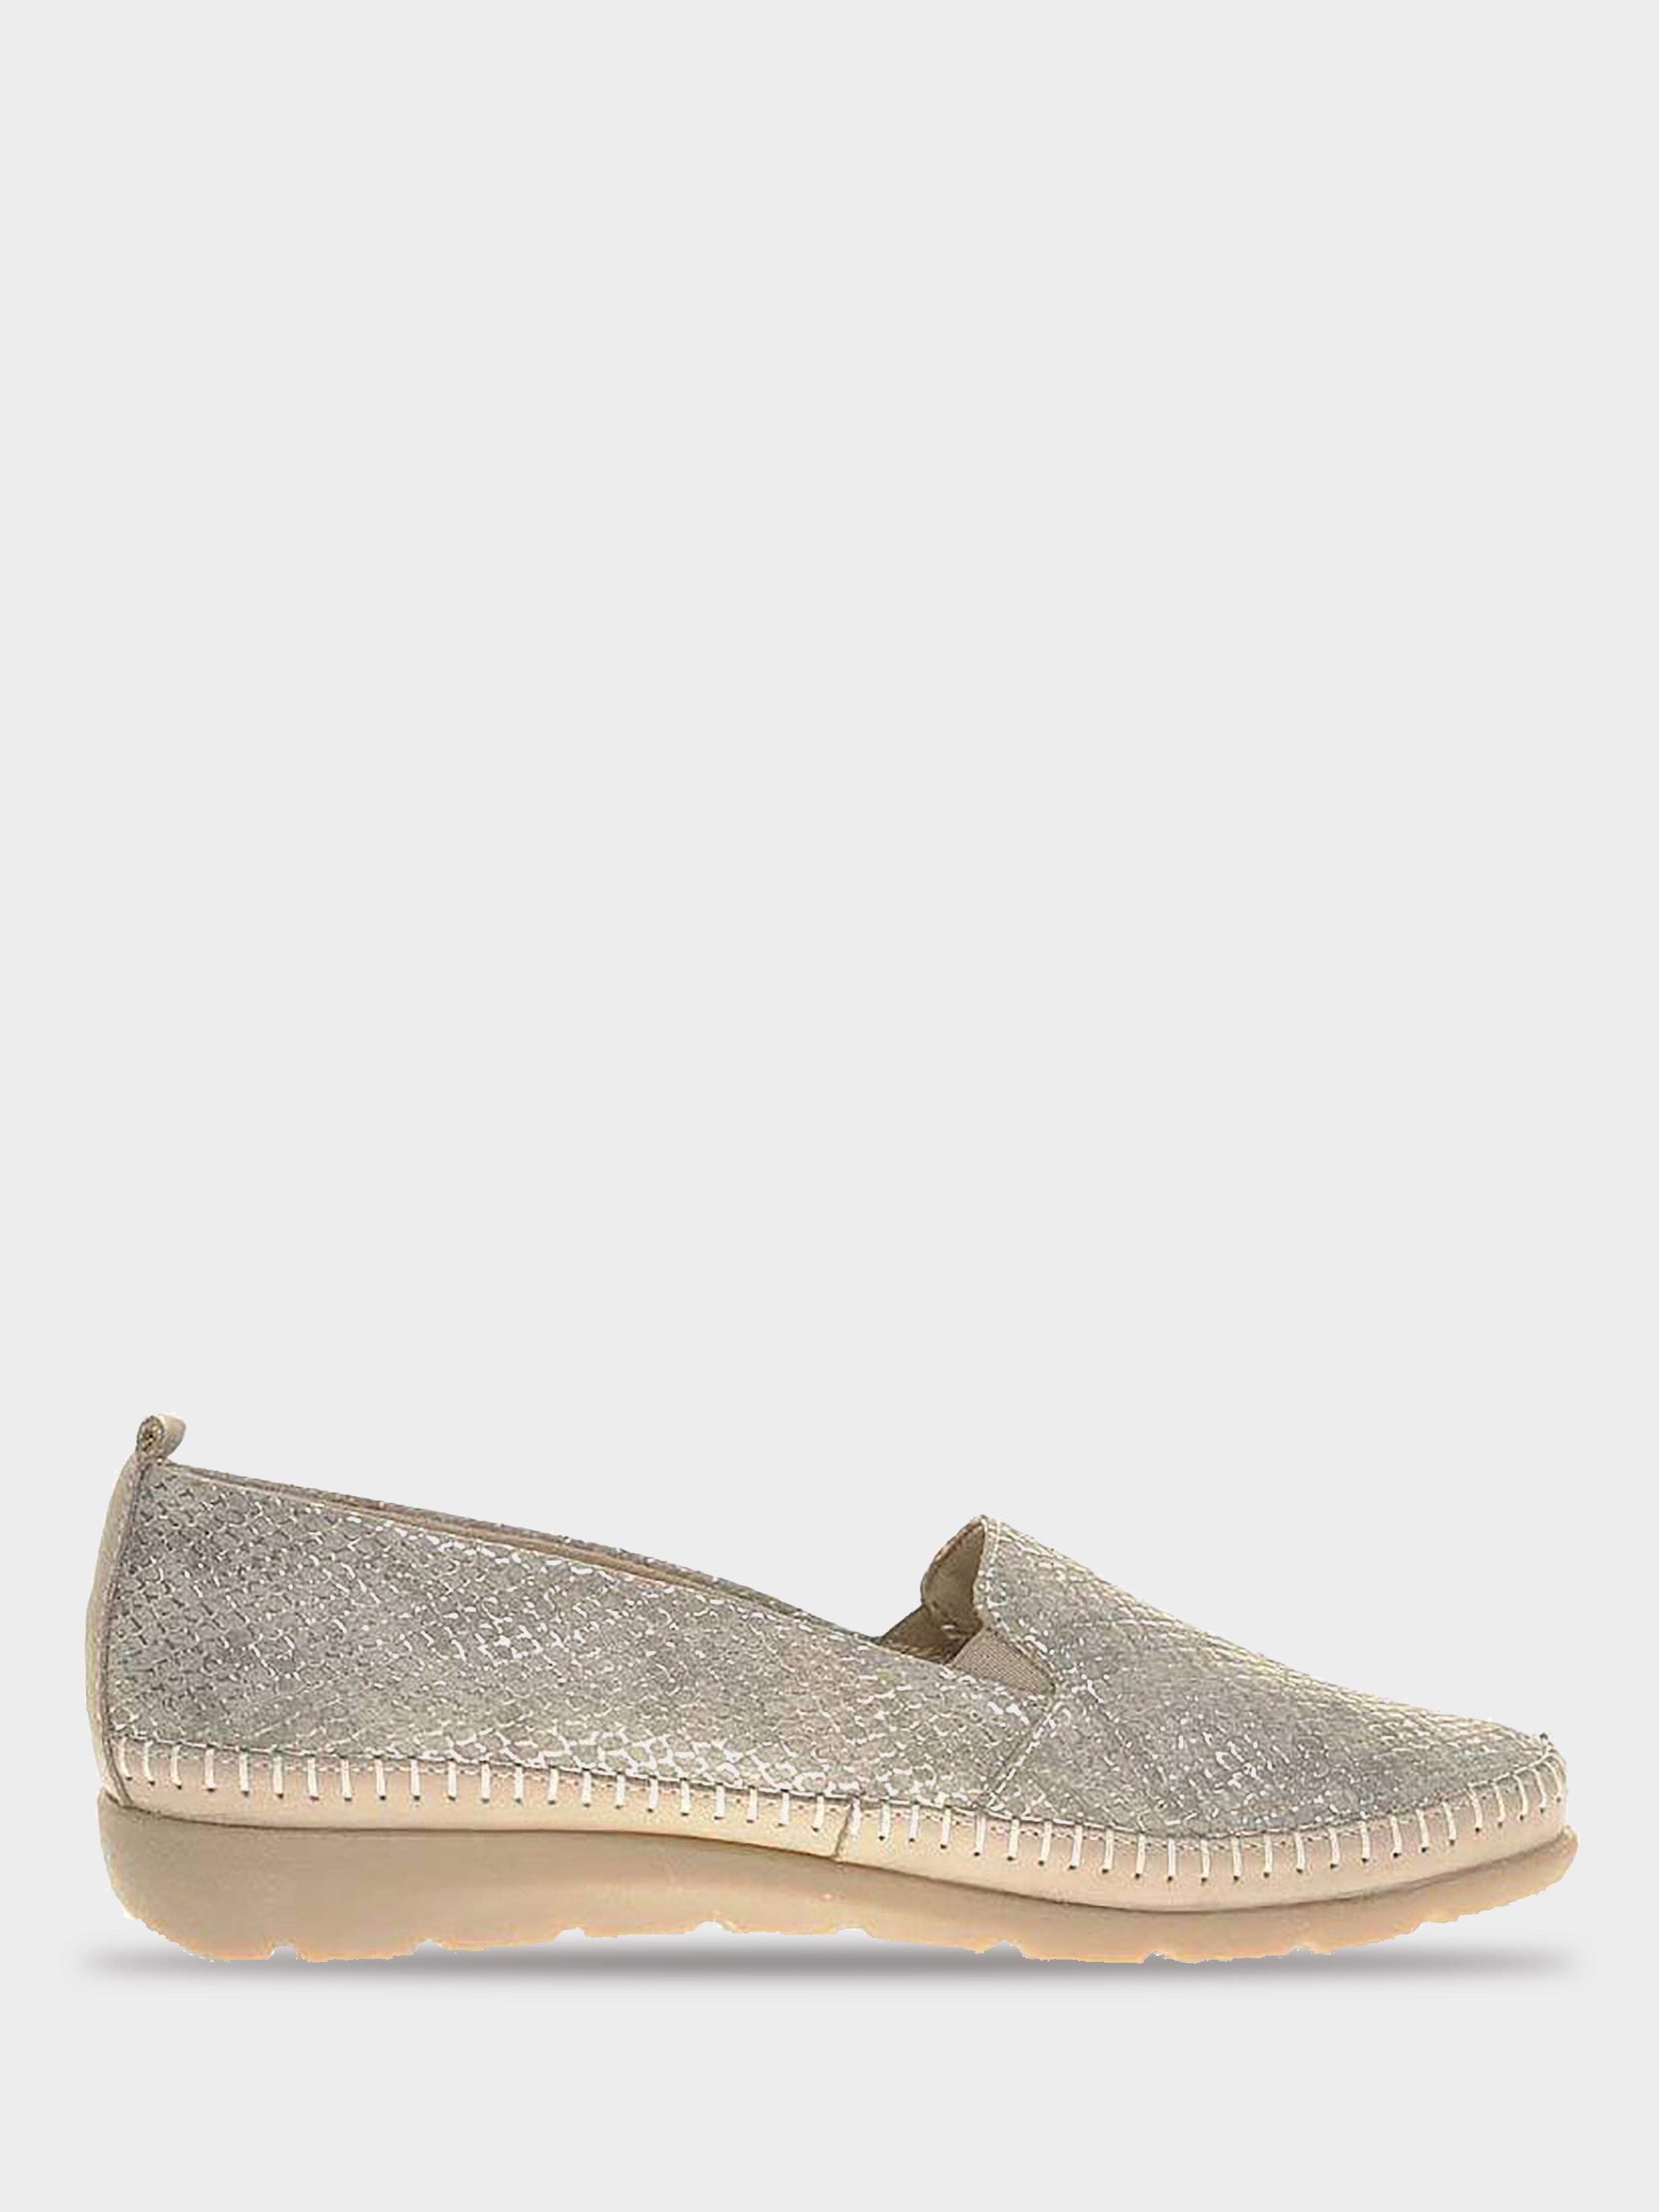 Туфлі жіночі Remonte туфлі жін. (36-41) RD33